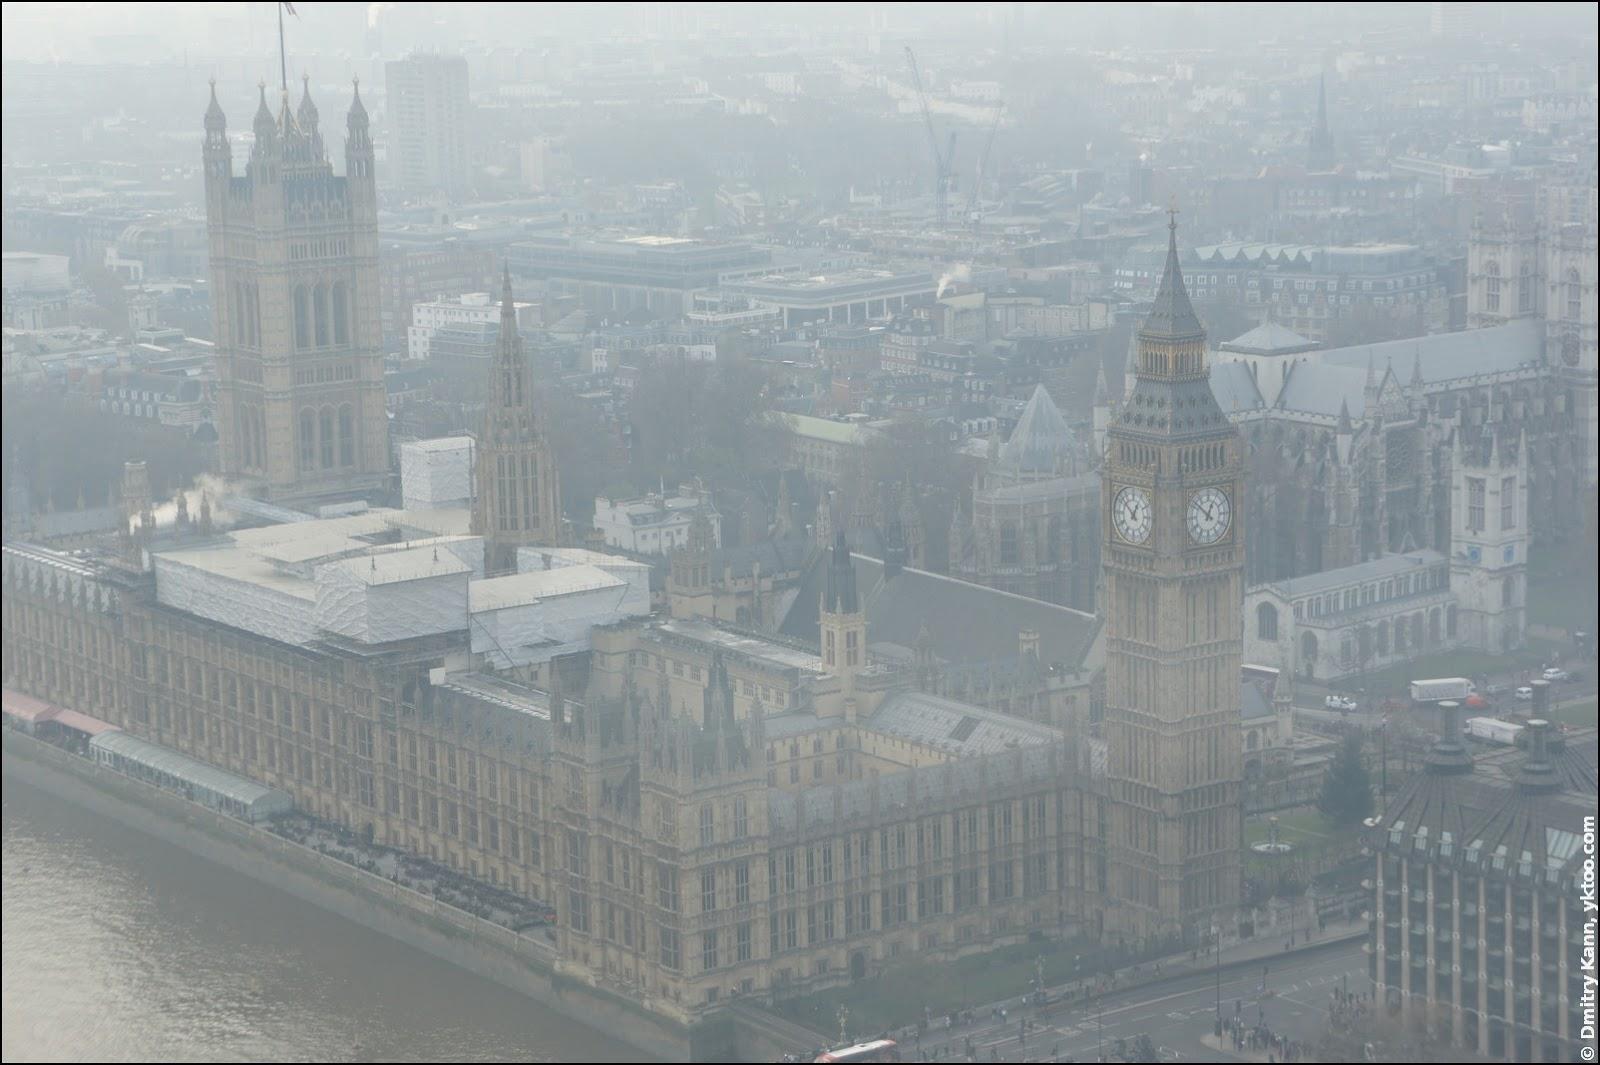 Вестминстерский дворец и Биг-Бен.